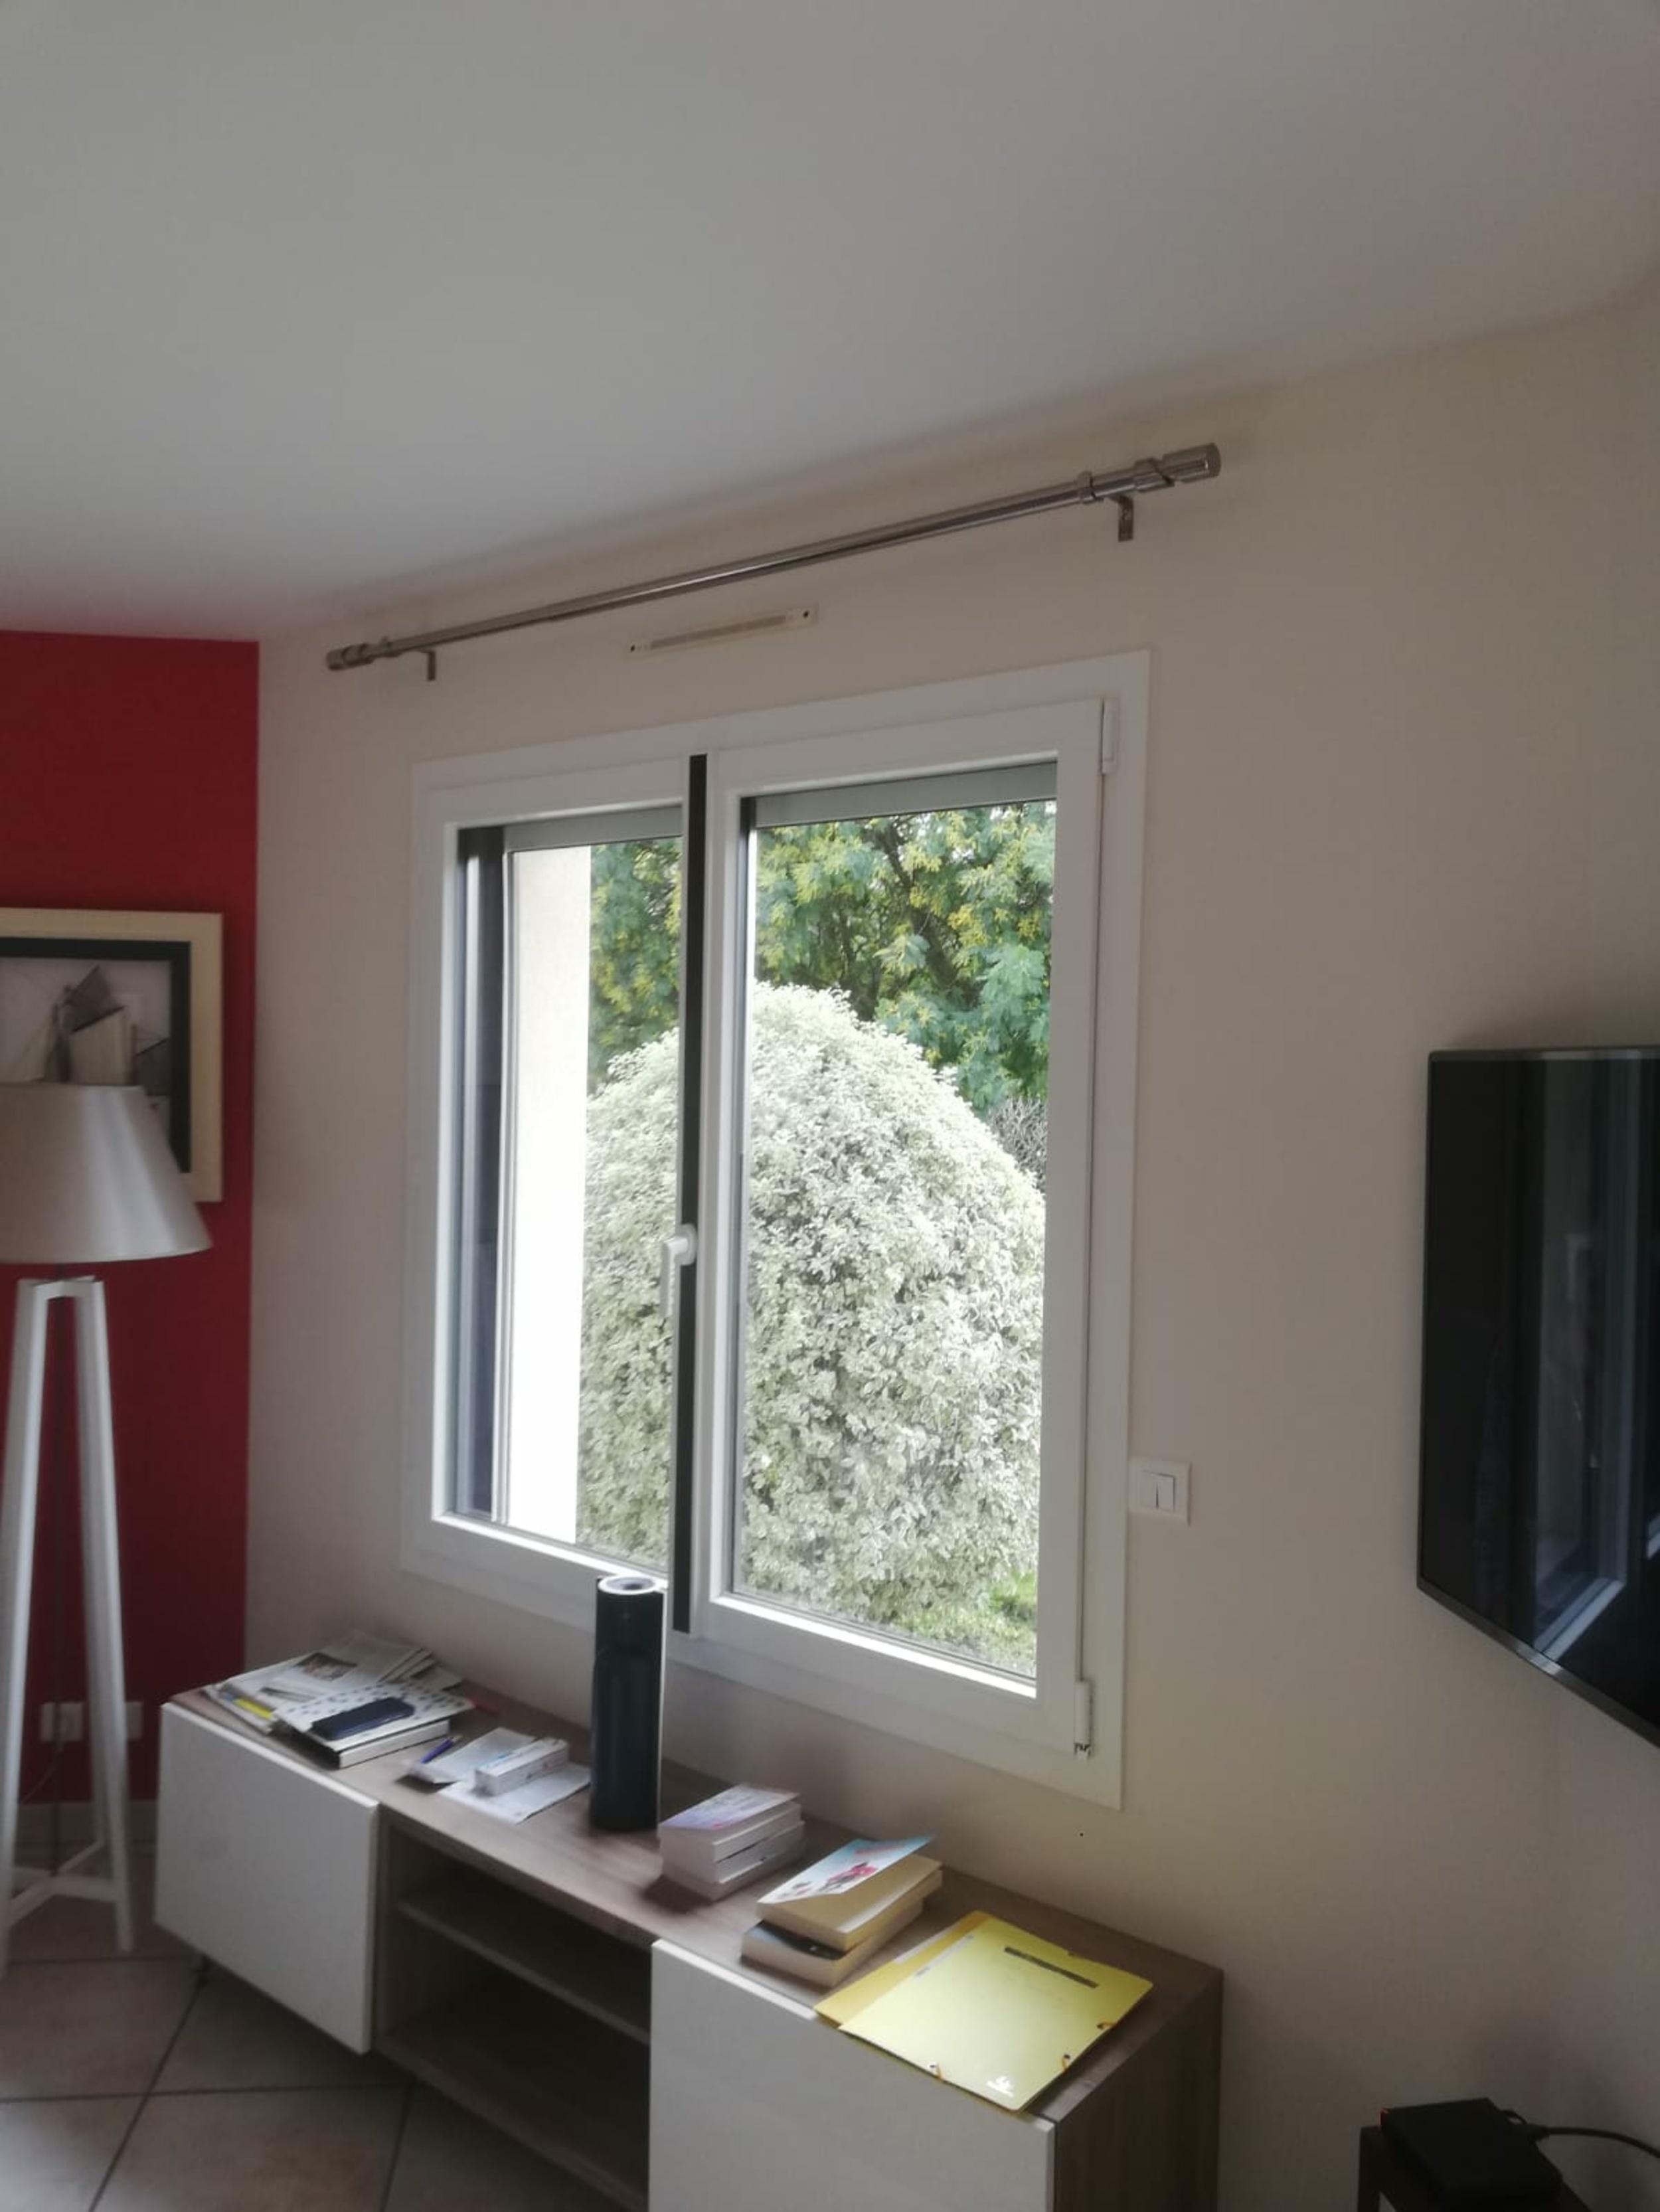 Rénovation fenêtre fibre avec insert déco noir